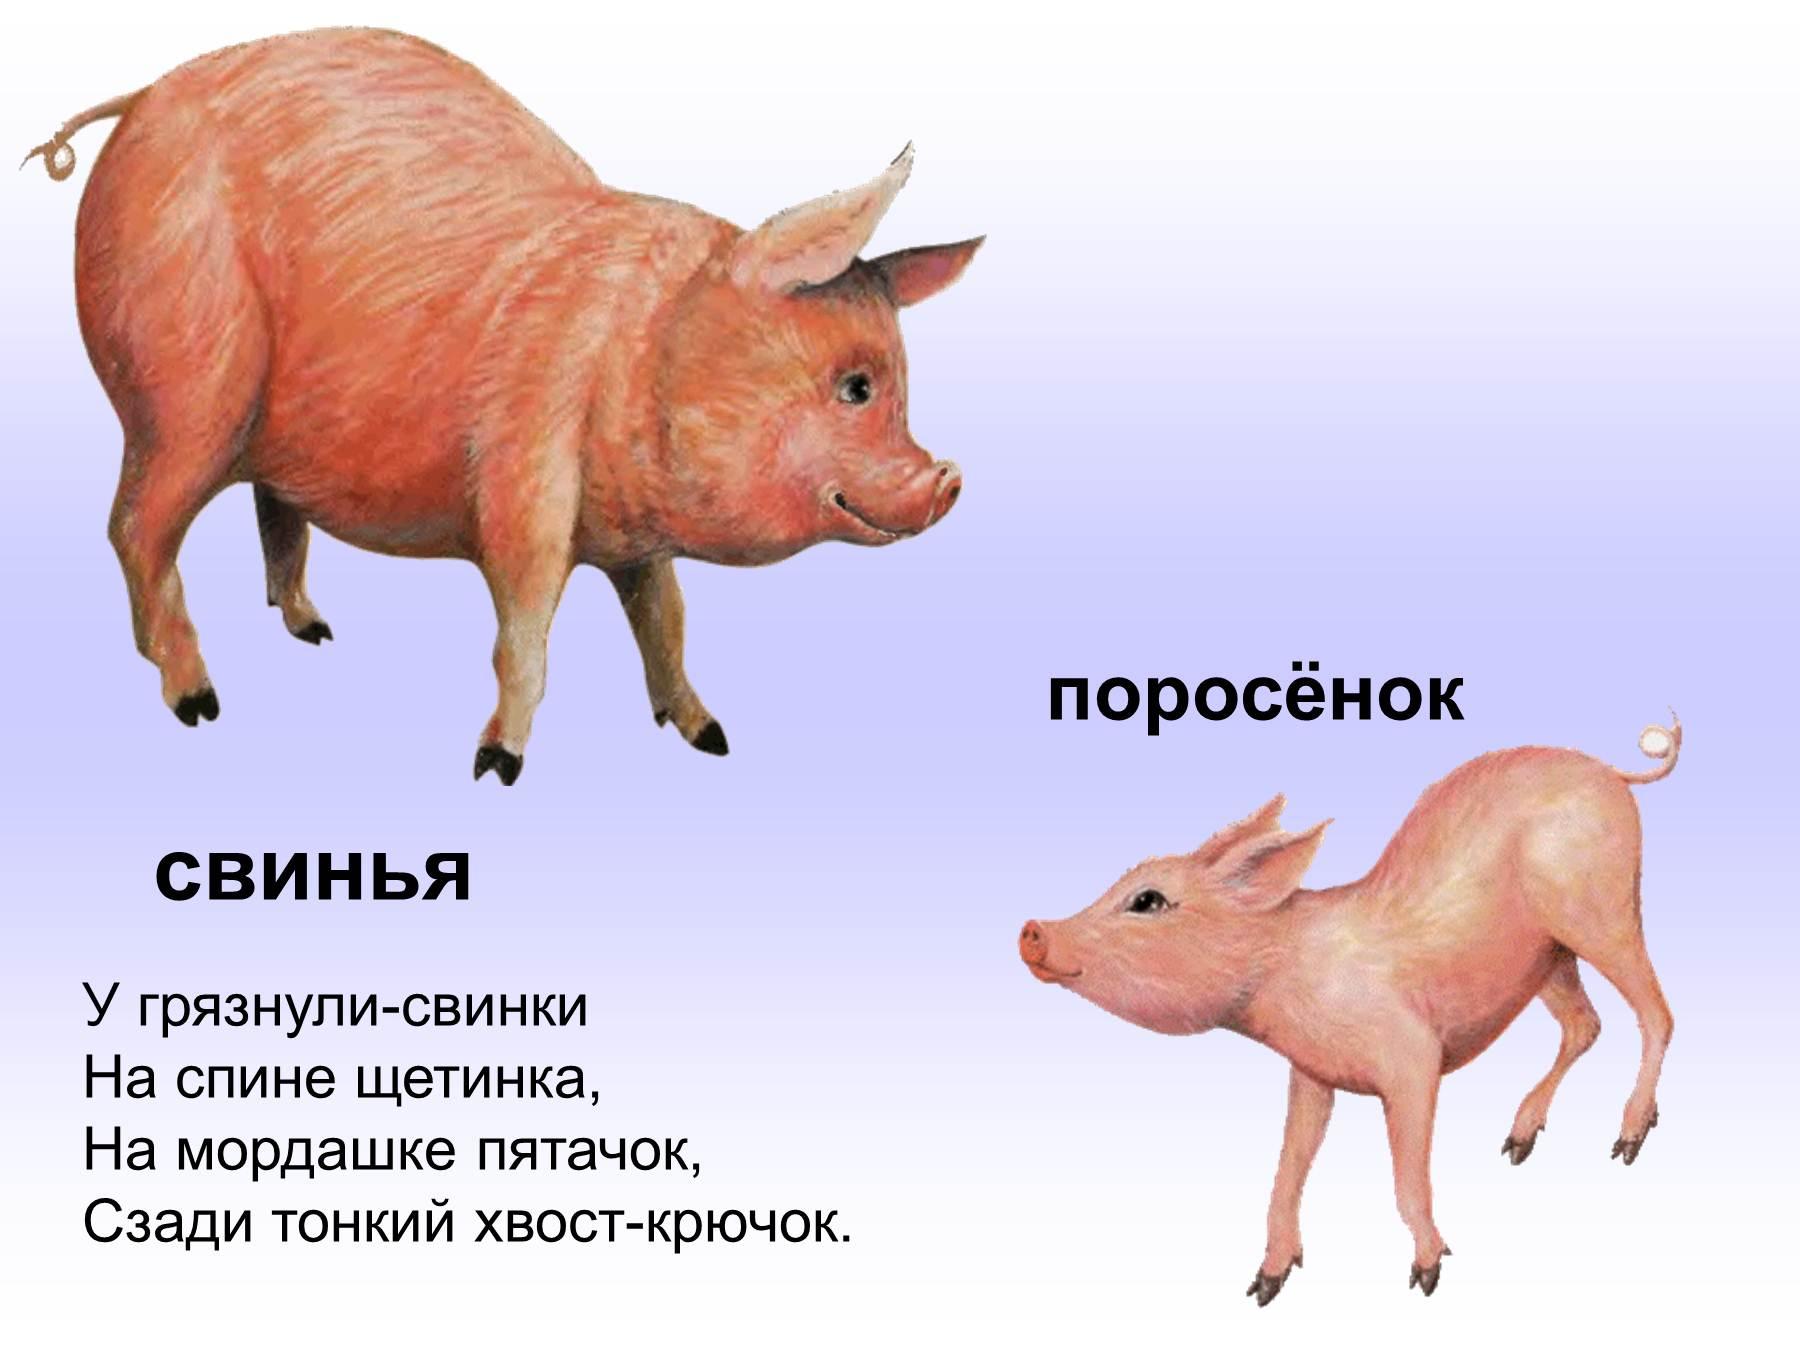 Картинки животных во весь рост говяжьей